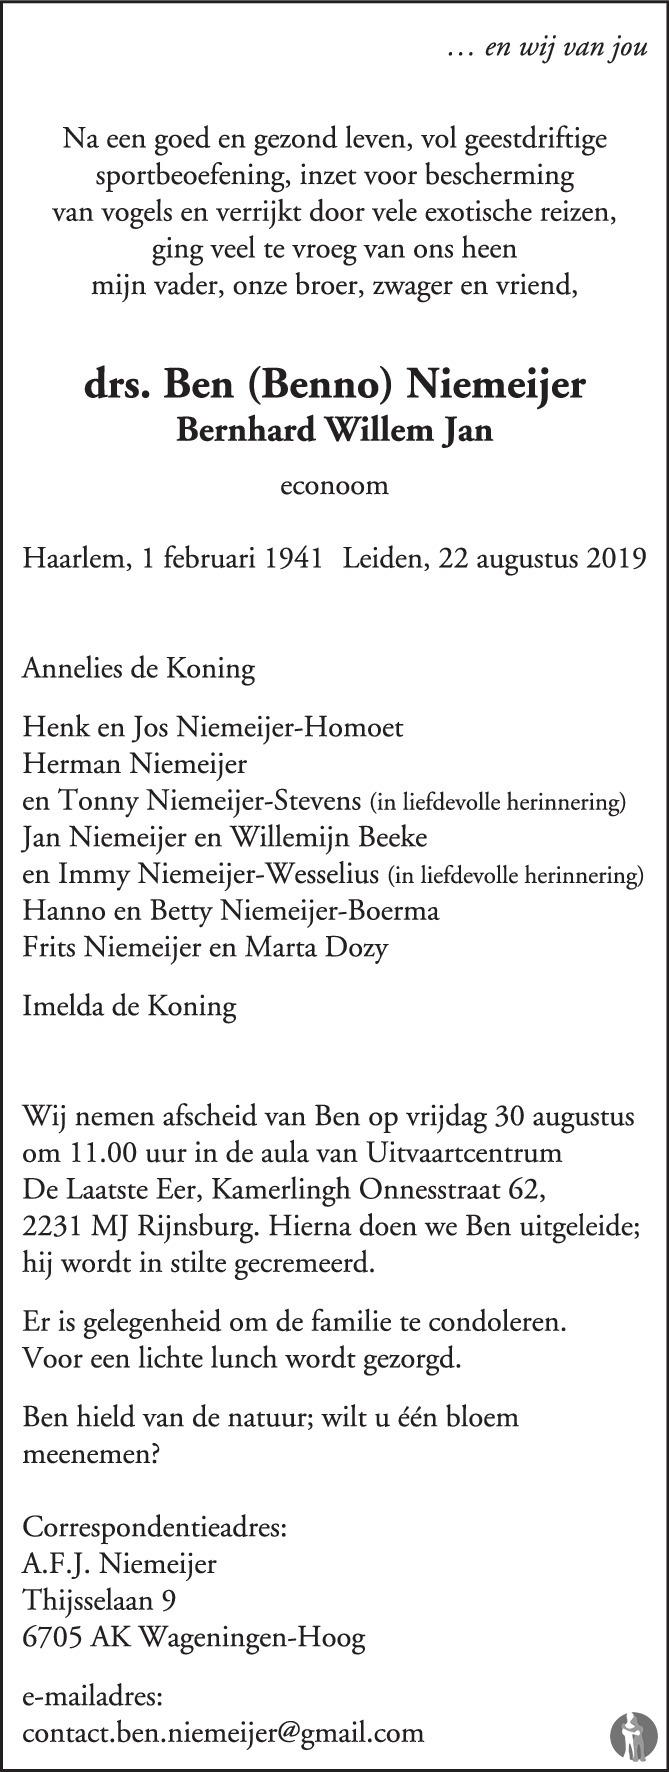 Overlijdensbericht van drs. Bernhard Willem Jan (Ben, Benno) Niemeijer in de Volkskrant